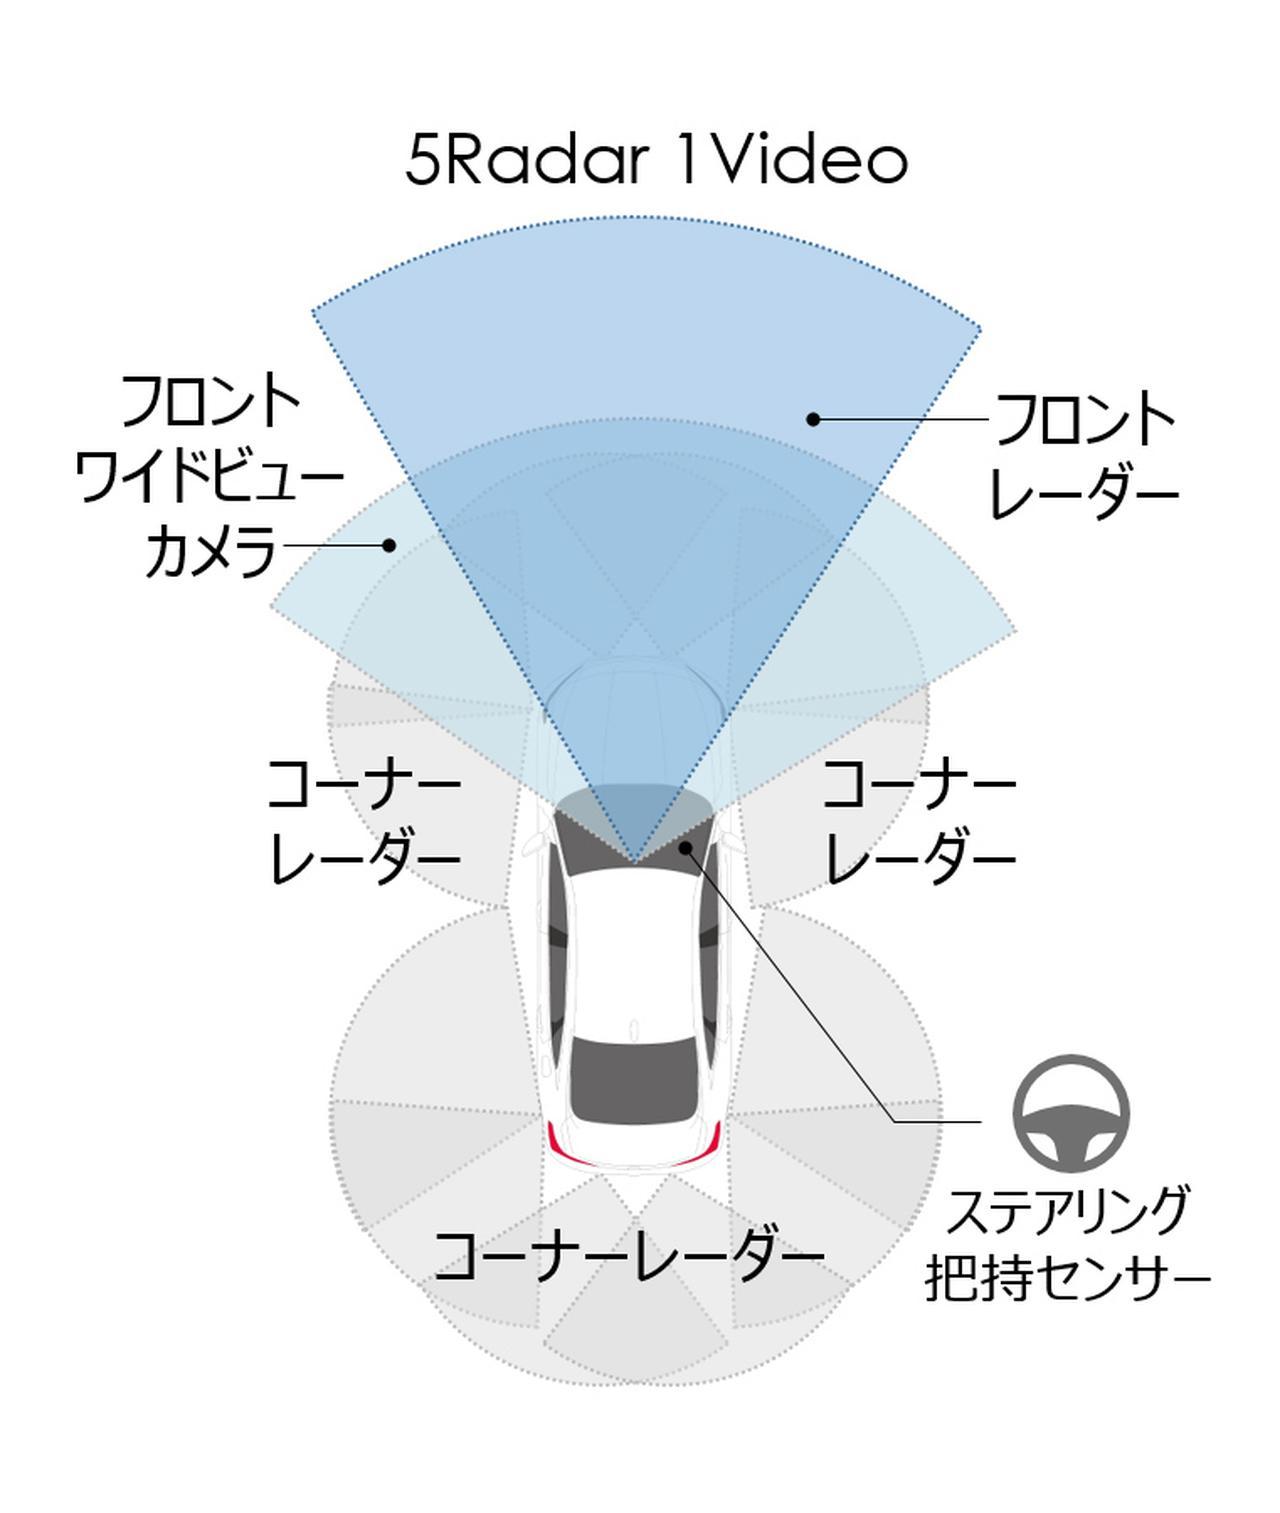 画像: 「ホンダ センシング360」のイメージ。単眼カメラと5台のミリ波レーダーを新たに装備して、360度センシングを実現。